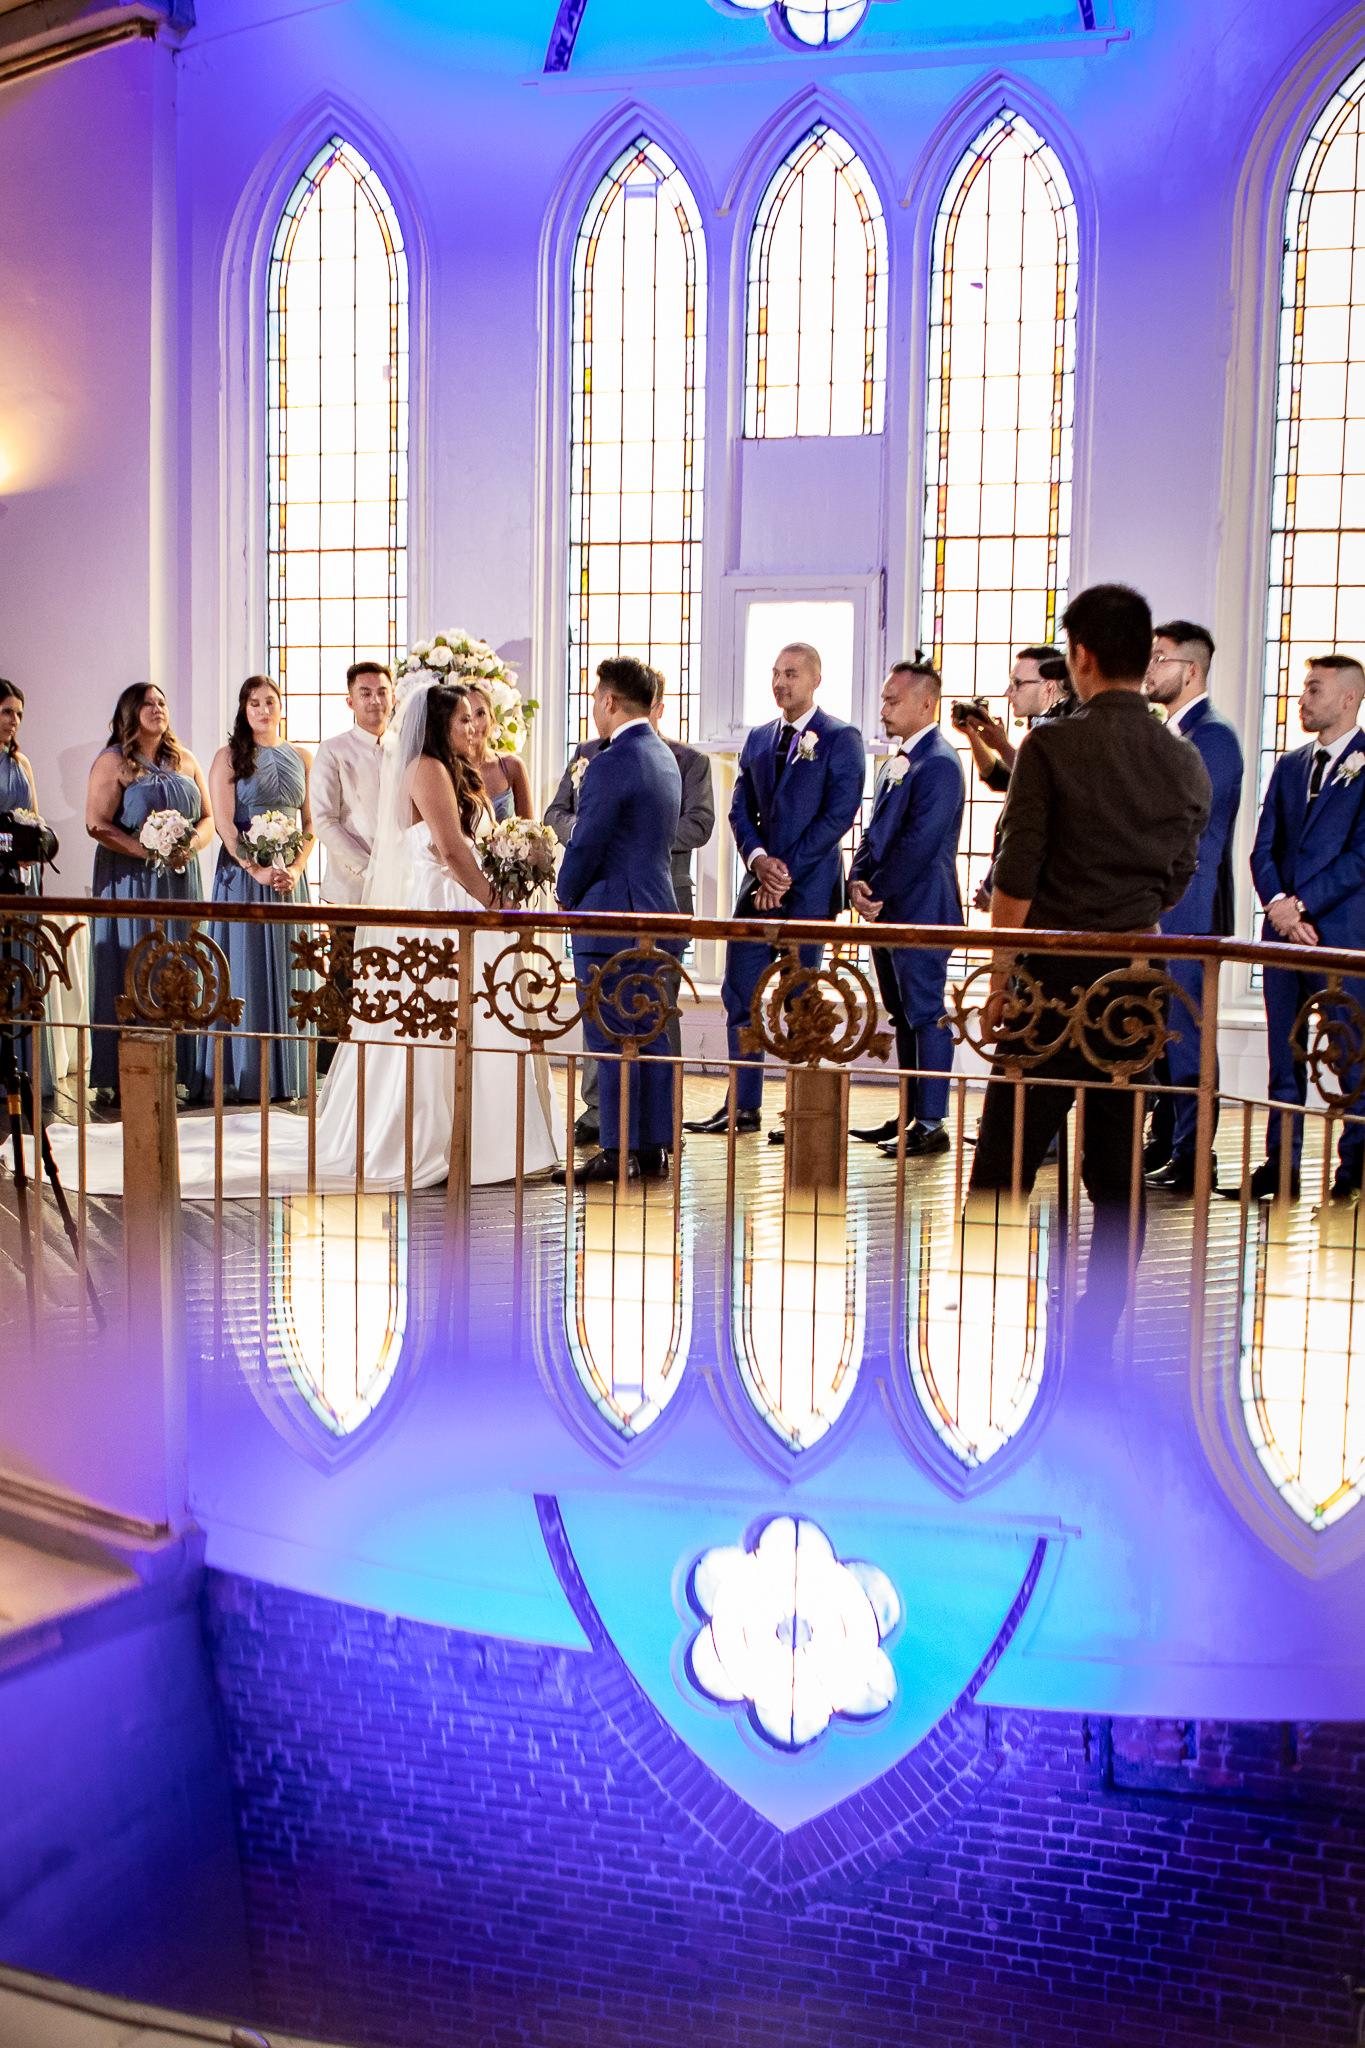 berkeley-wedding-photos-43.jpg